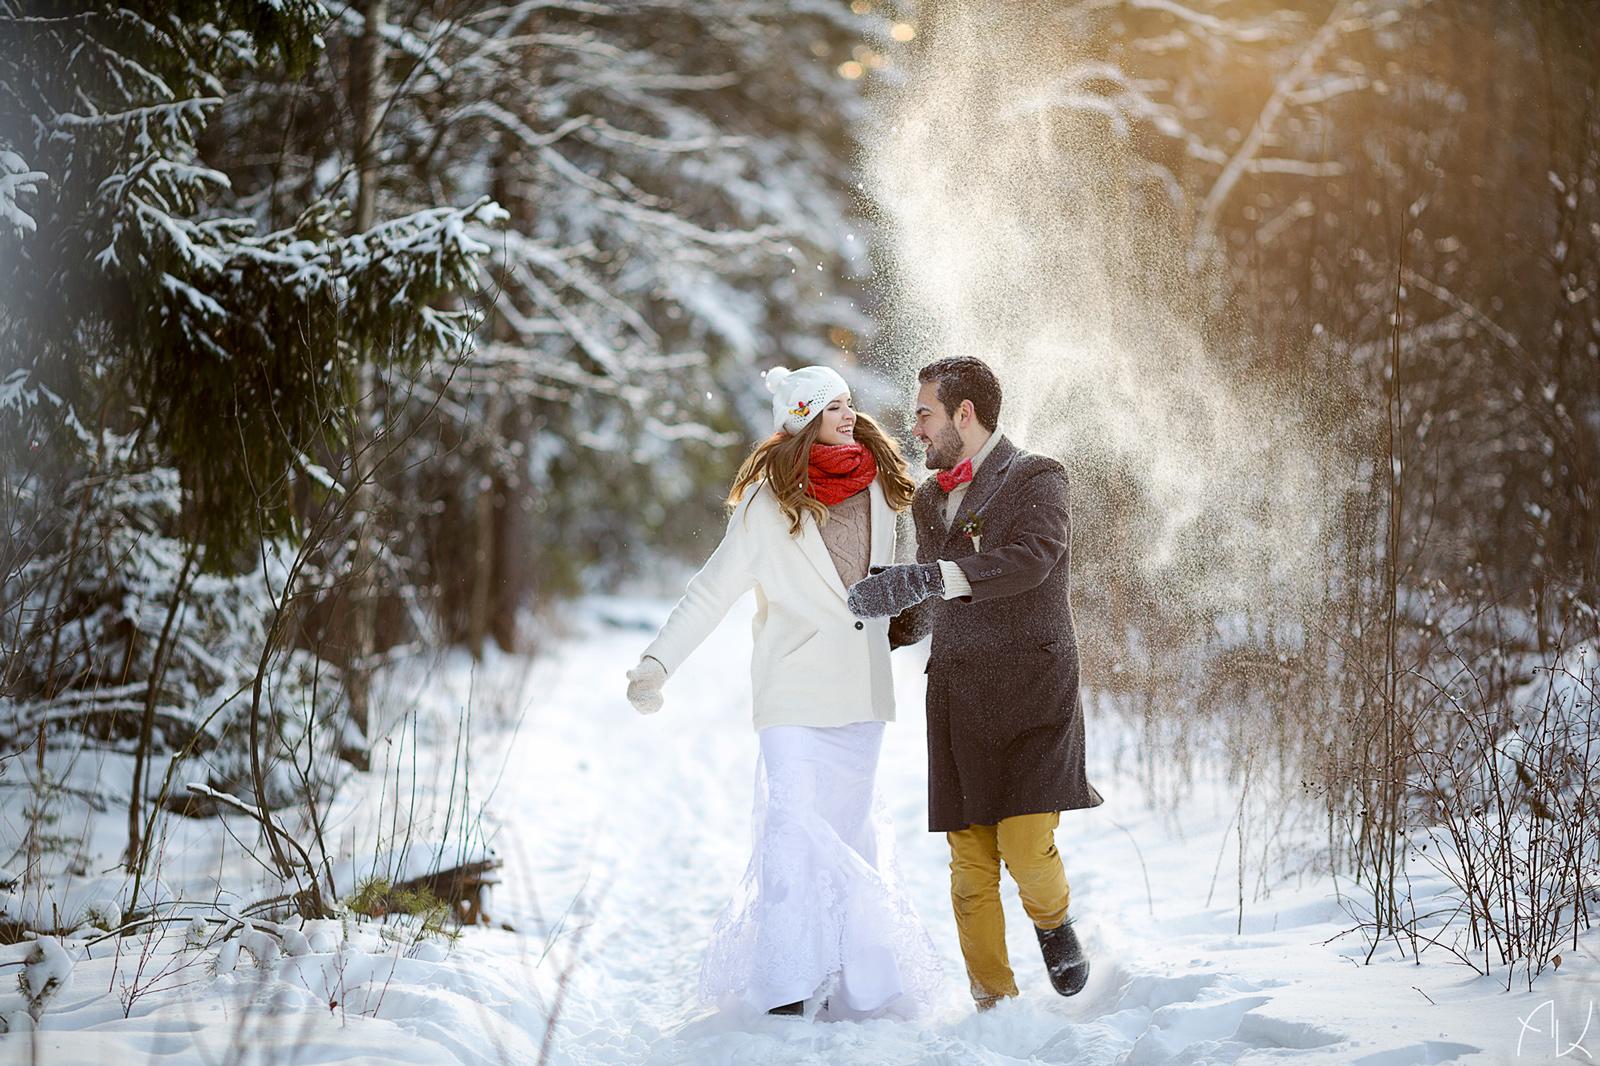 инете зимняя свадьба в лесу фото ленинградской области, берегу